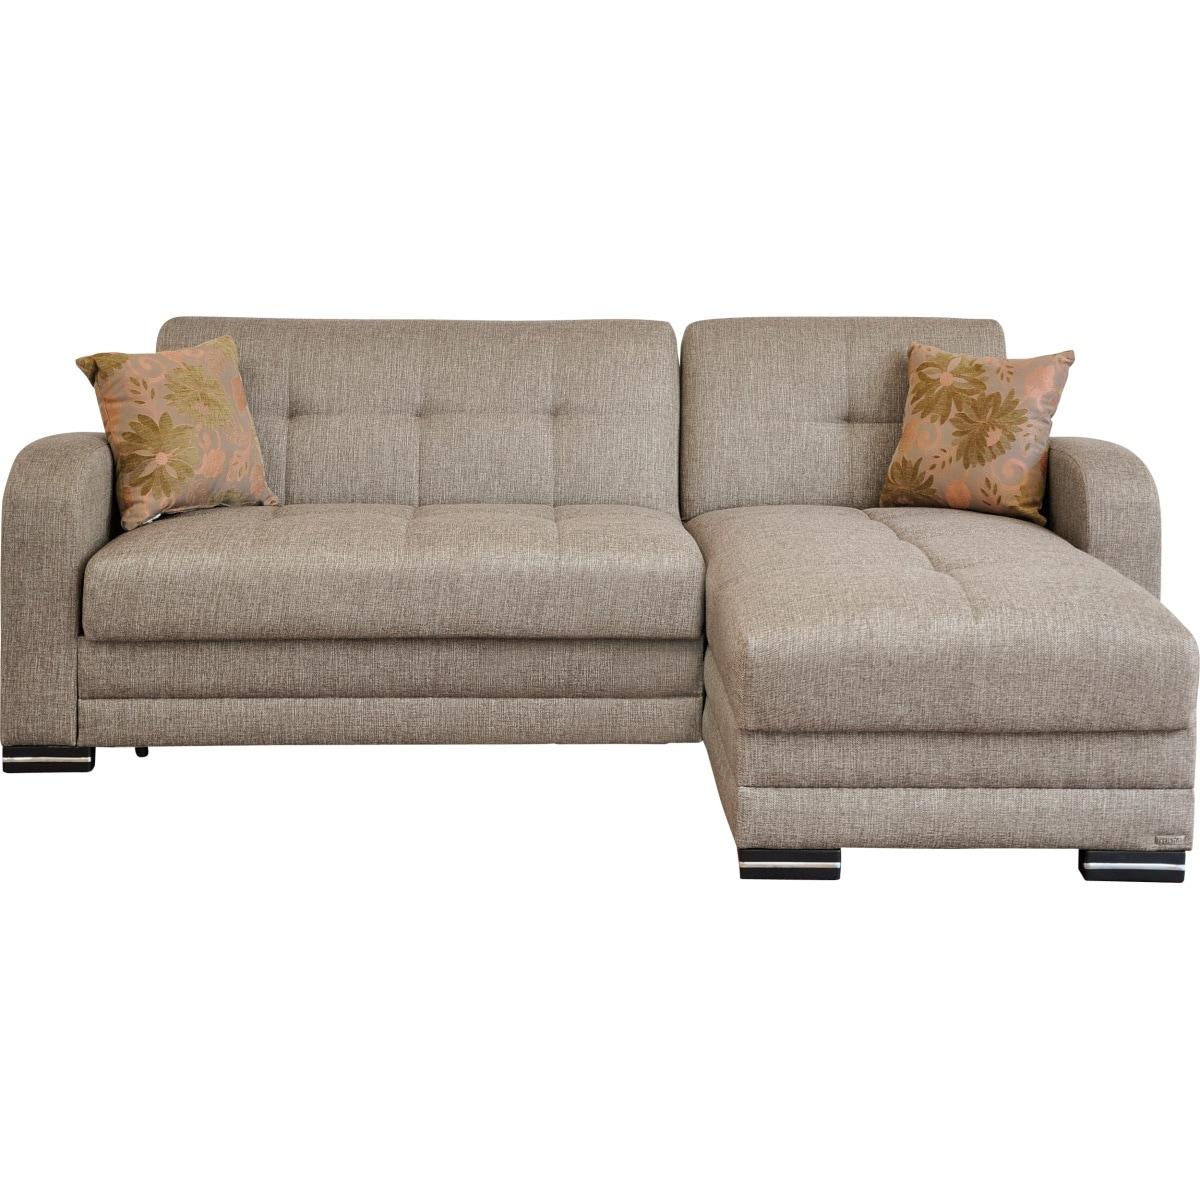 polsterecke braun eckgarnituren polsterm bel wohnen. Black Bedroom Furniture Sets. Home Design Ideas